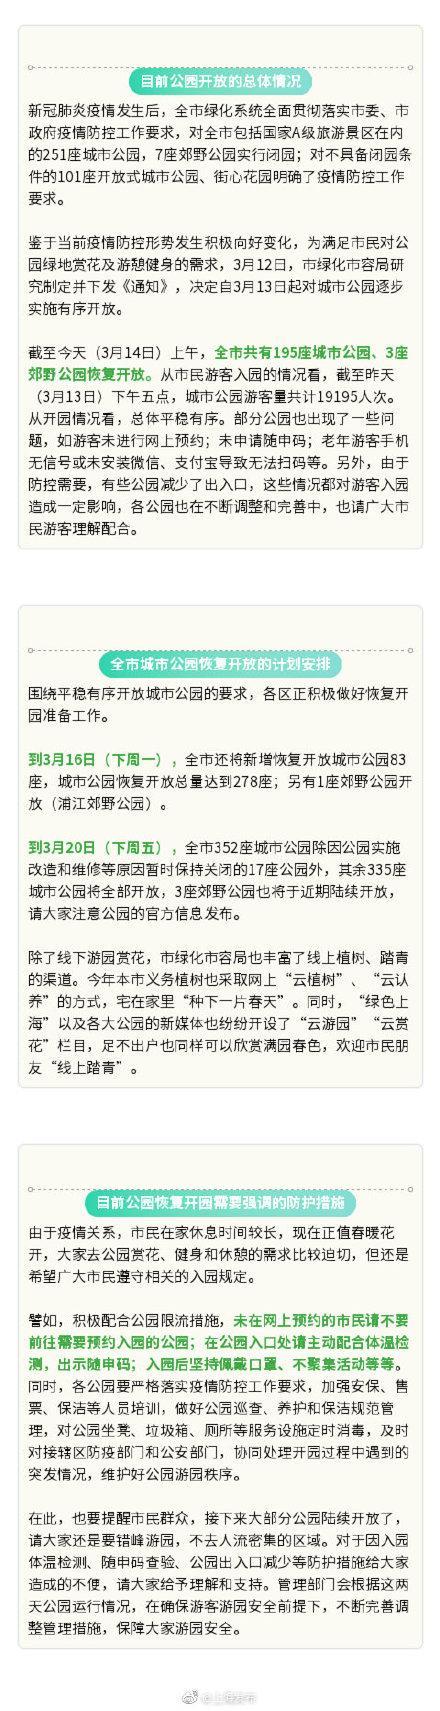 【光明网】沪335座城市公园下周五前陆续开放,游园须做好这些防护